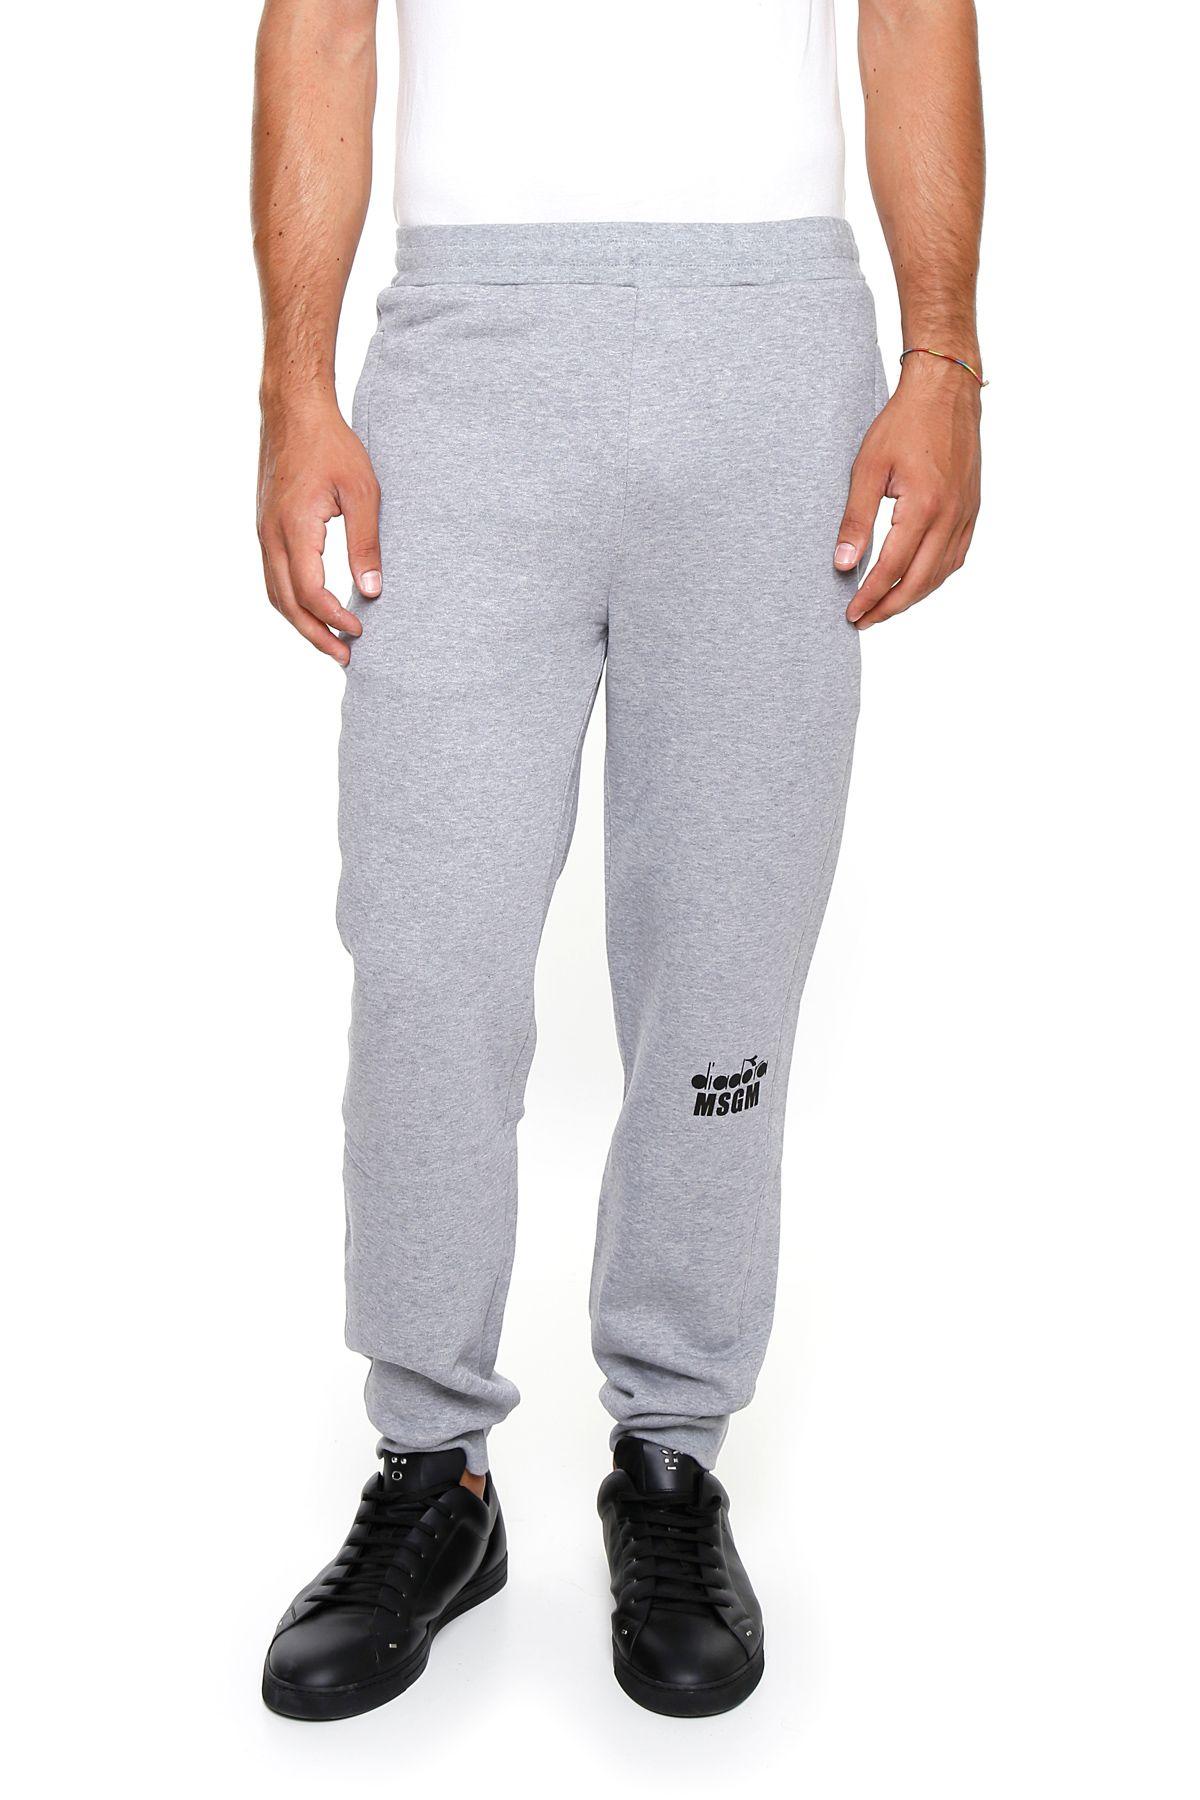 Diadora Fleece Pants